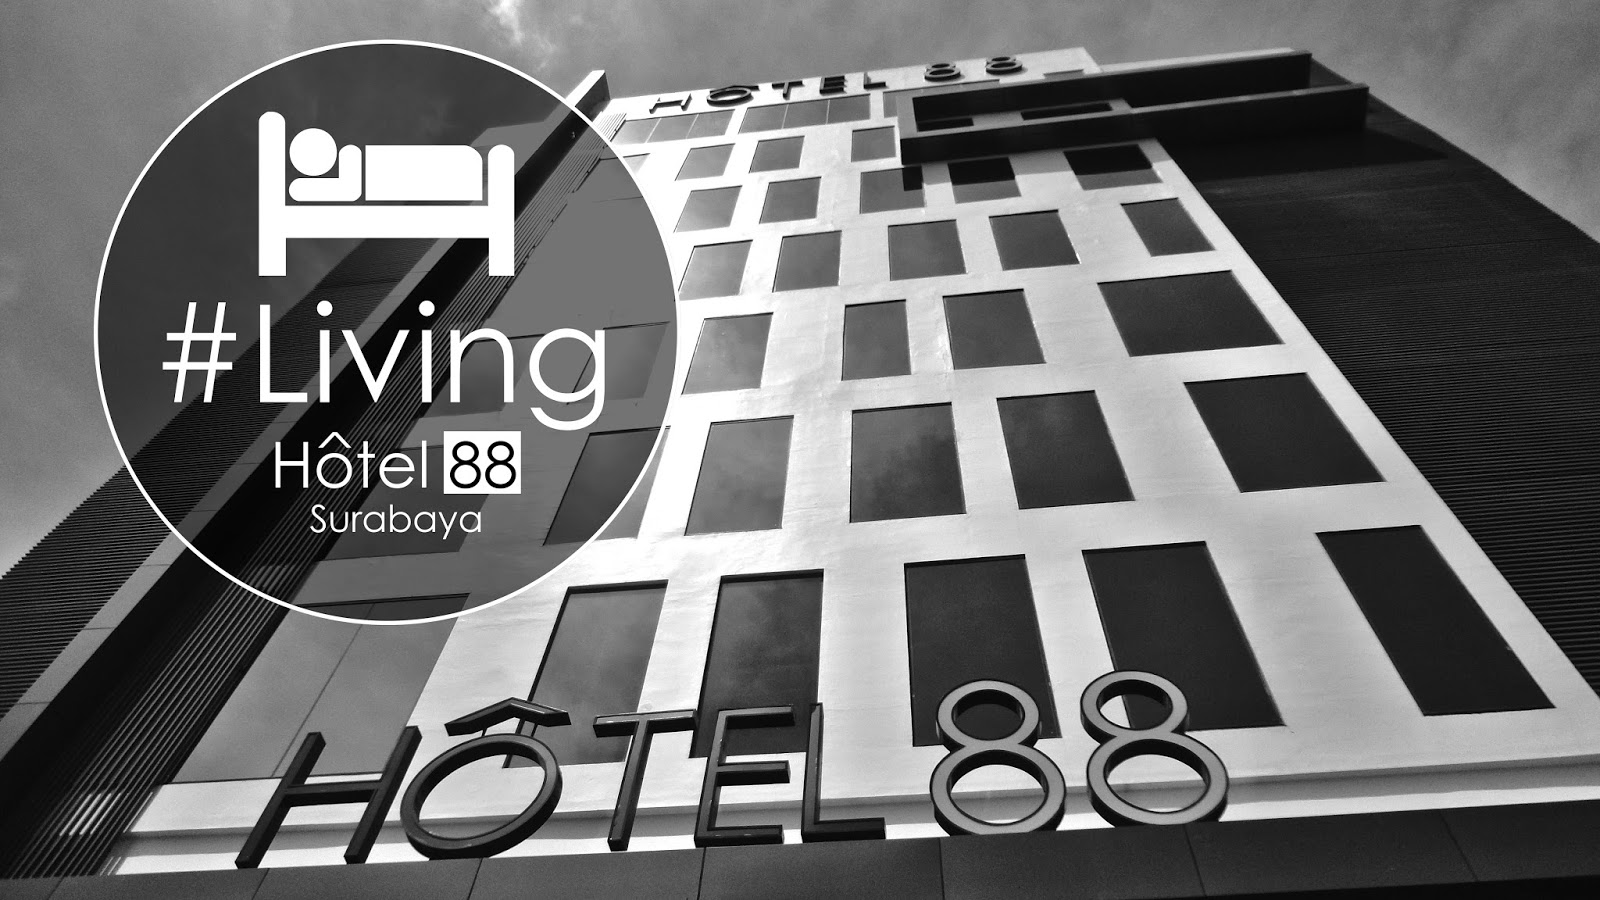 Hotel 88 Surabaya Mewah Dengan Tarif Murah